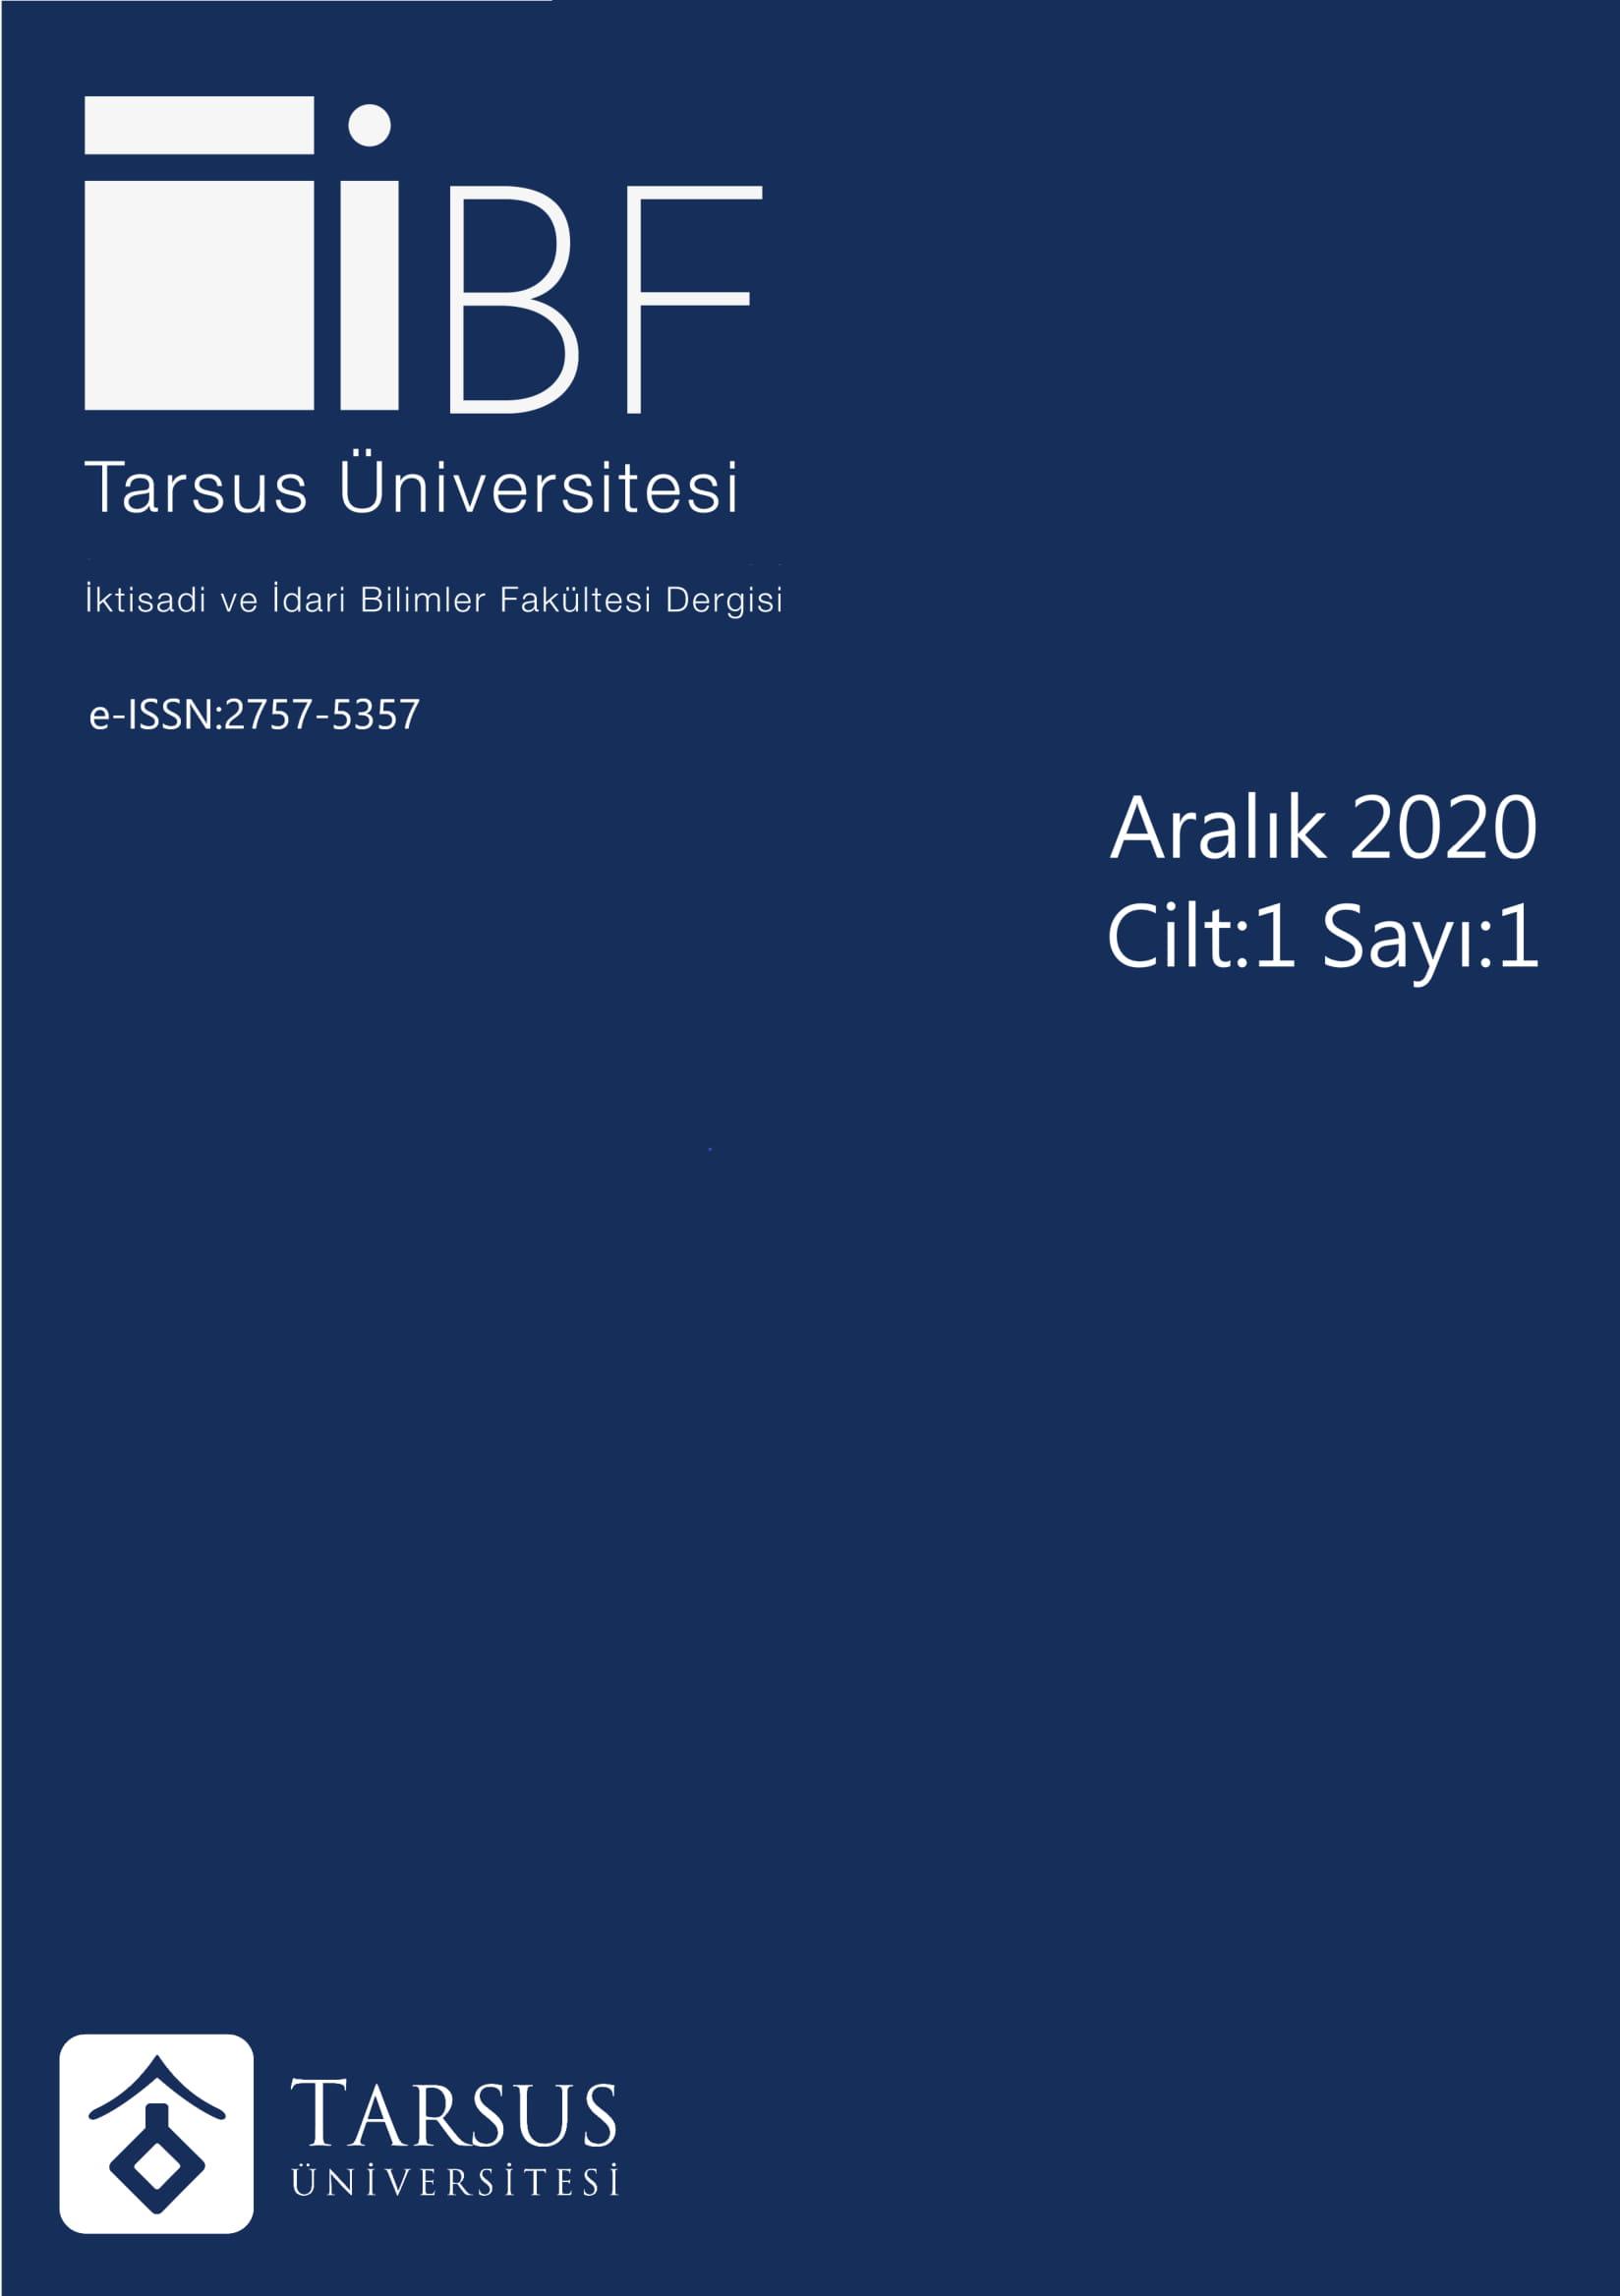 Tarsus Üniversitesi İktisadi ve İdari Bilimler Fakültesi Dergisi-Asos İndeks